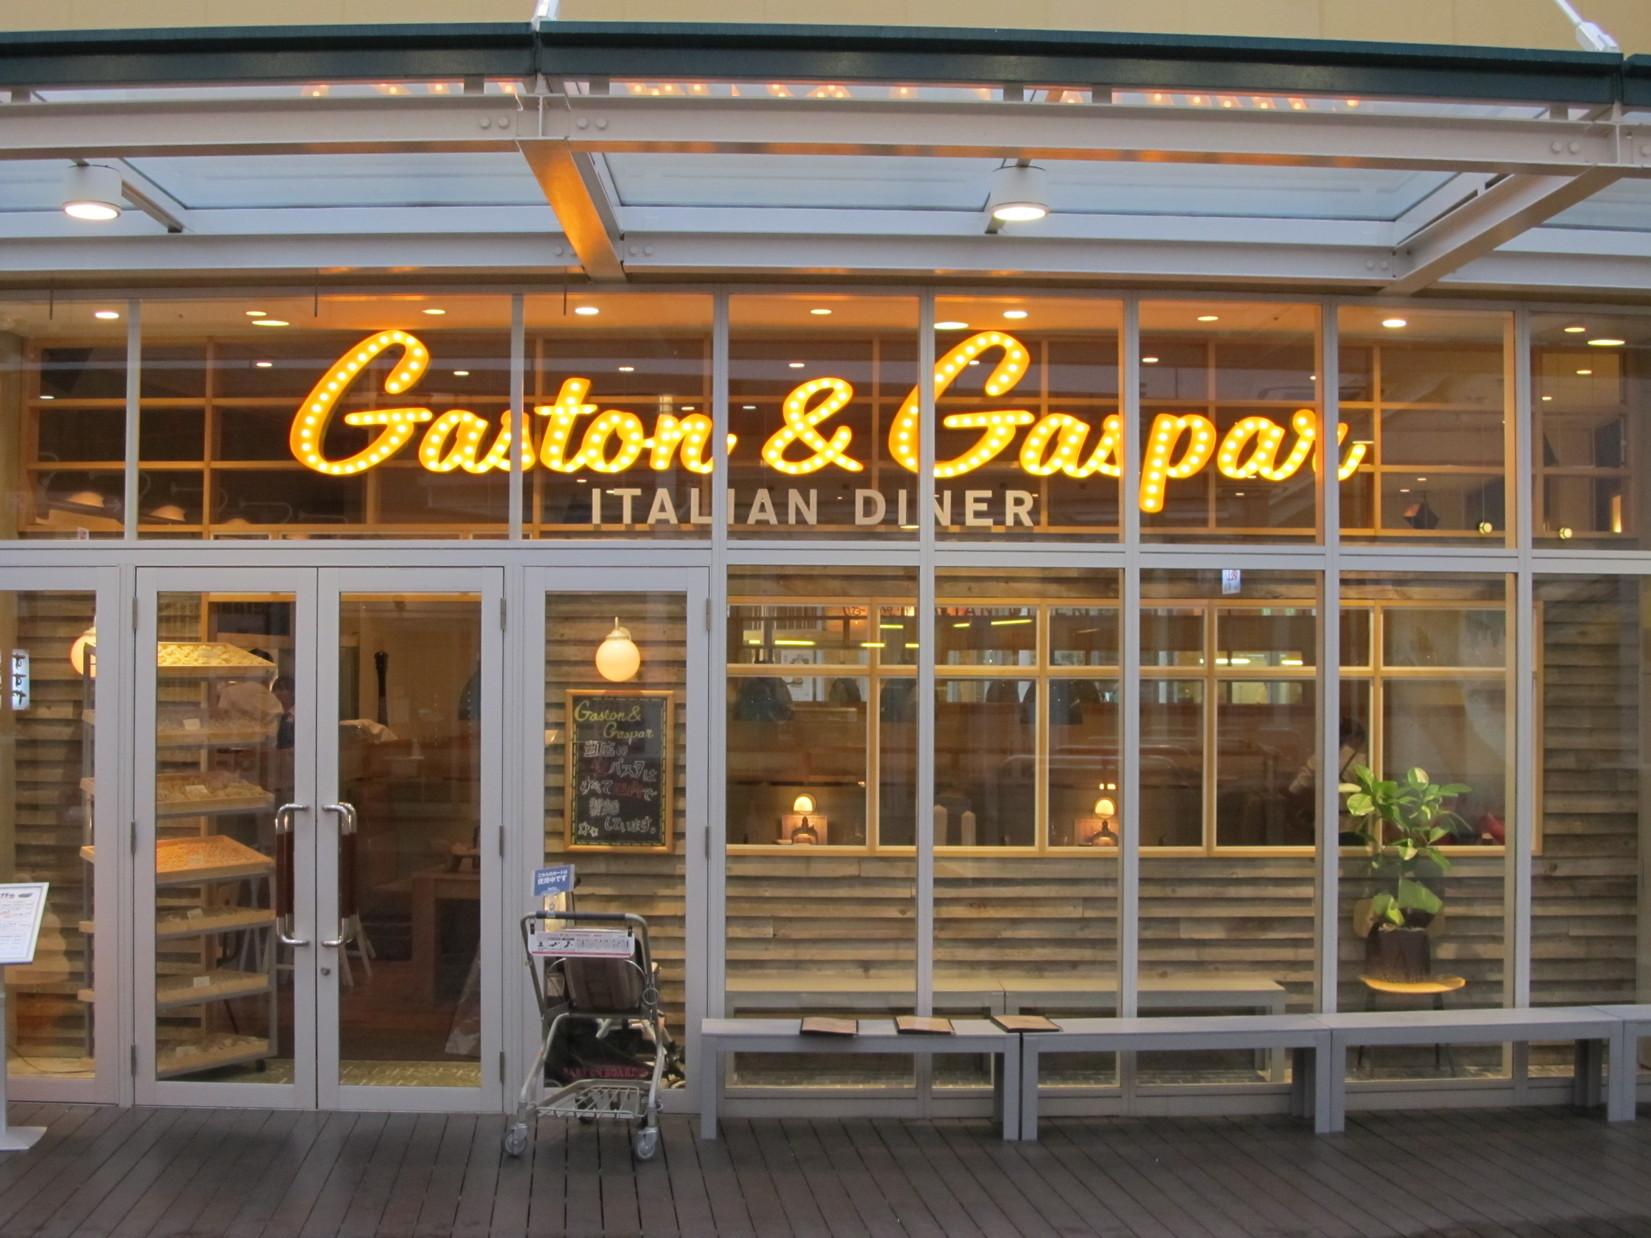 ガストン&ギャスパー 亀有店